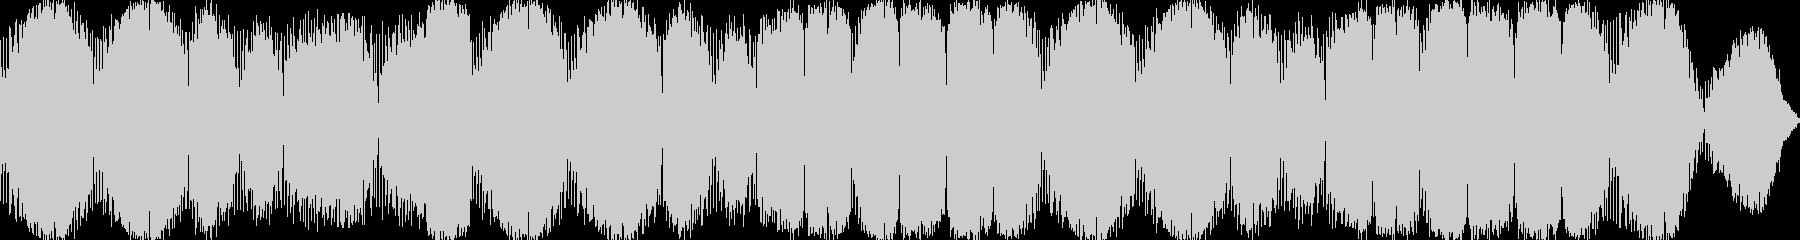 癒されるAmbient Musicの未再生の波形